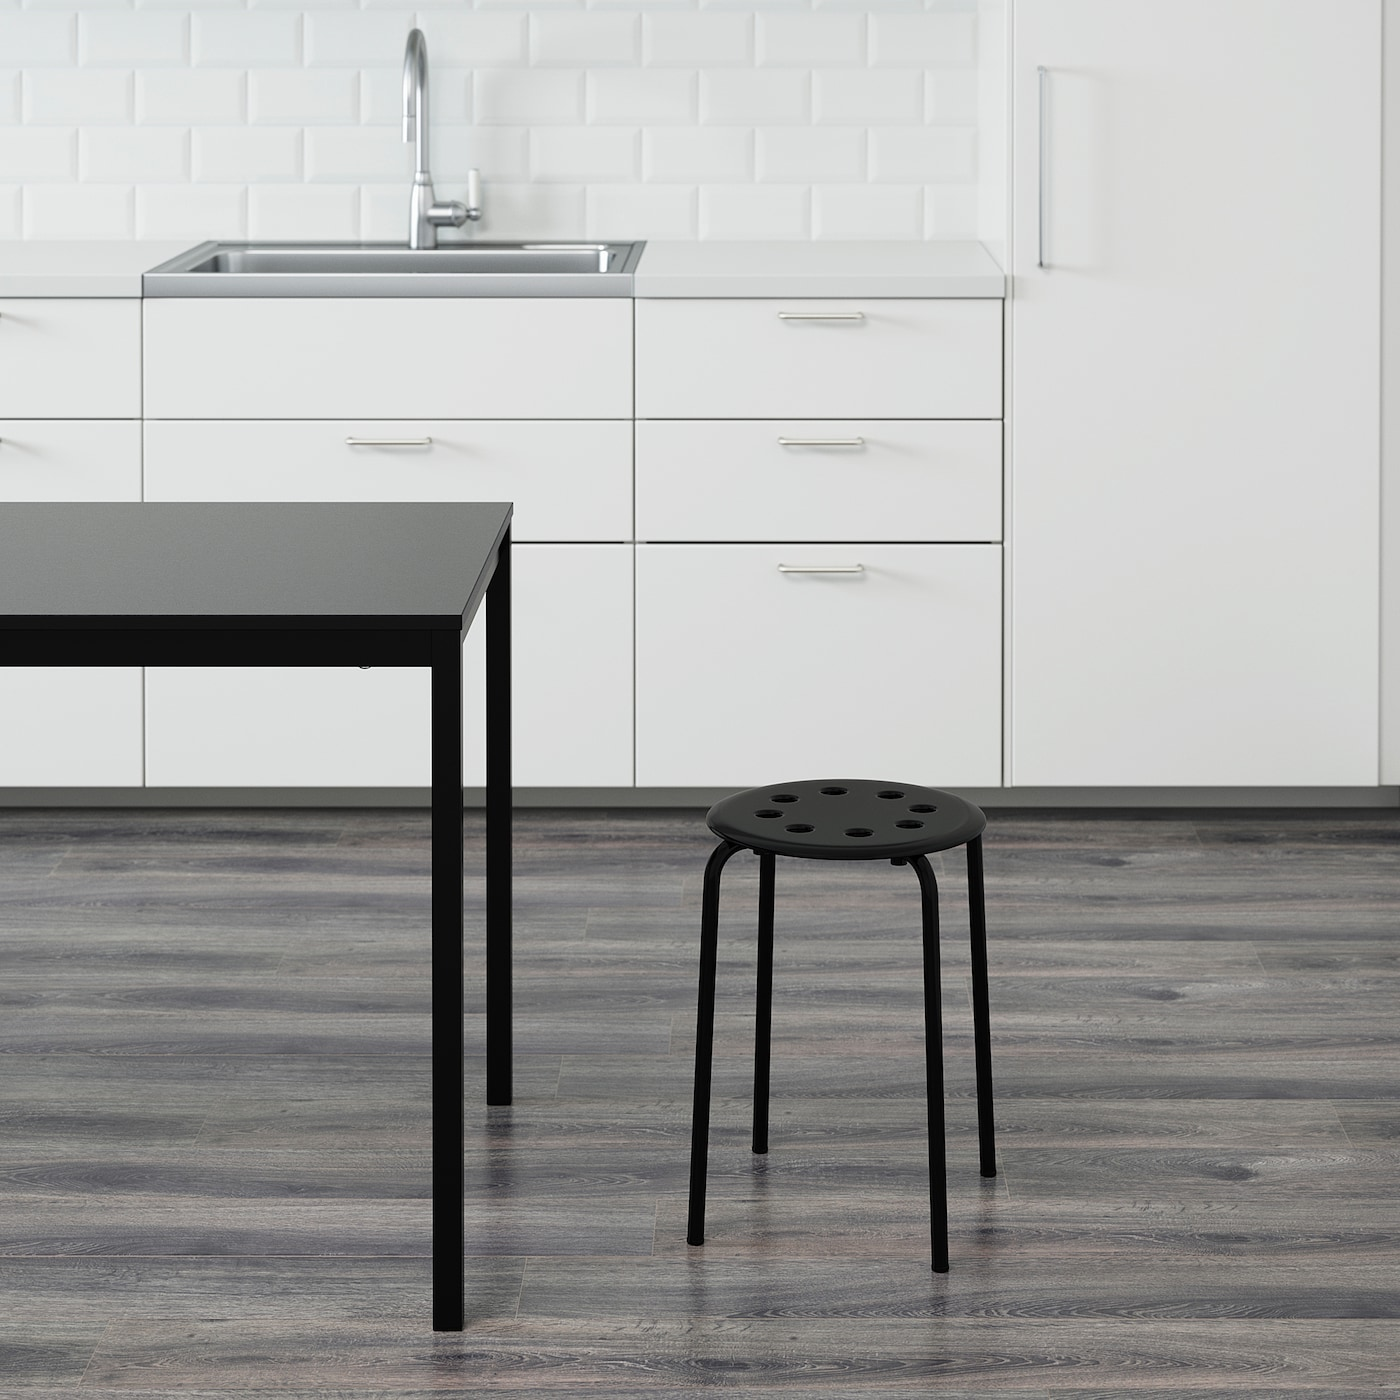 IKEA MARIUS Stool Multipurpose Kitchen Breakfast Bar Dining Stool Durable Strong